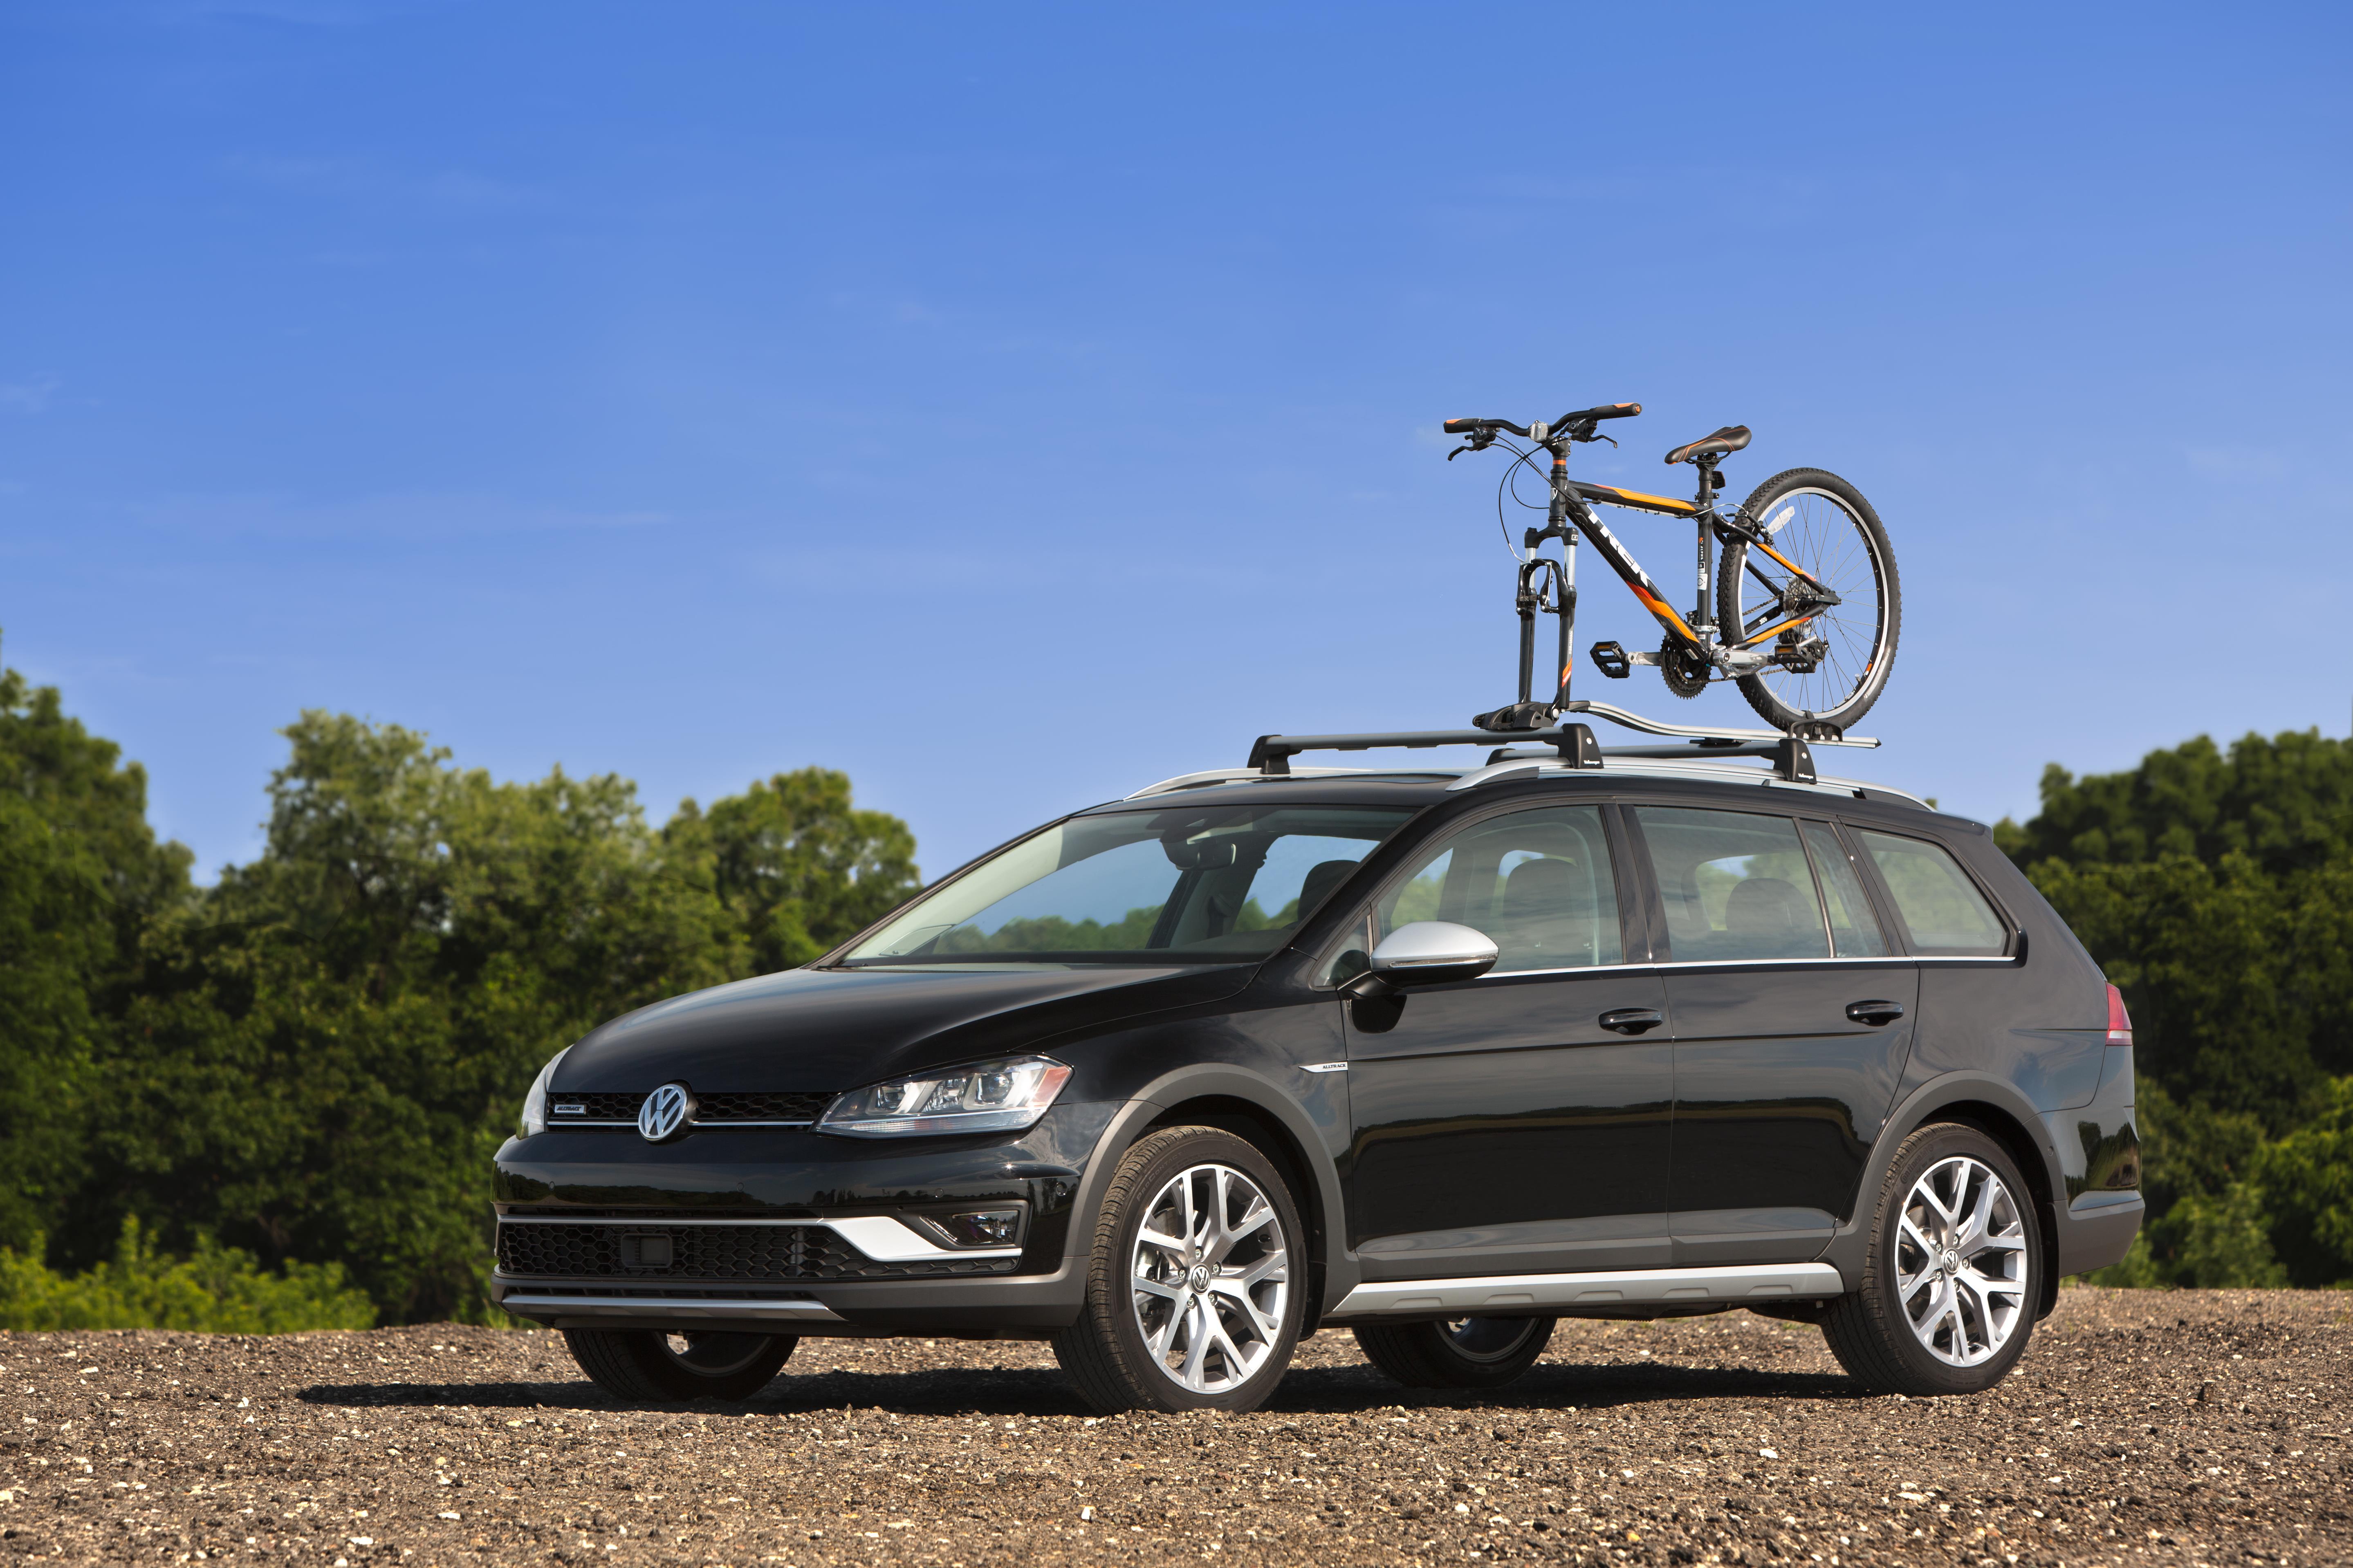 2017 Volkswagen Alltrack Base Racks and Bike Holder ...